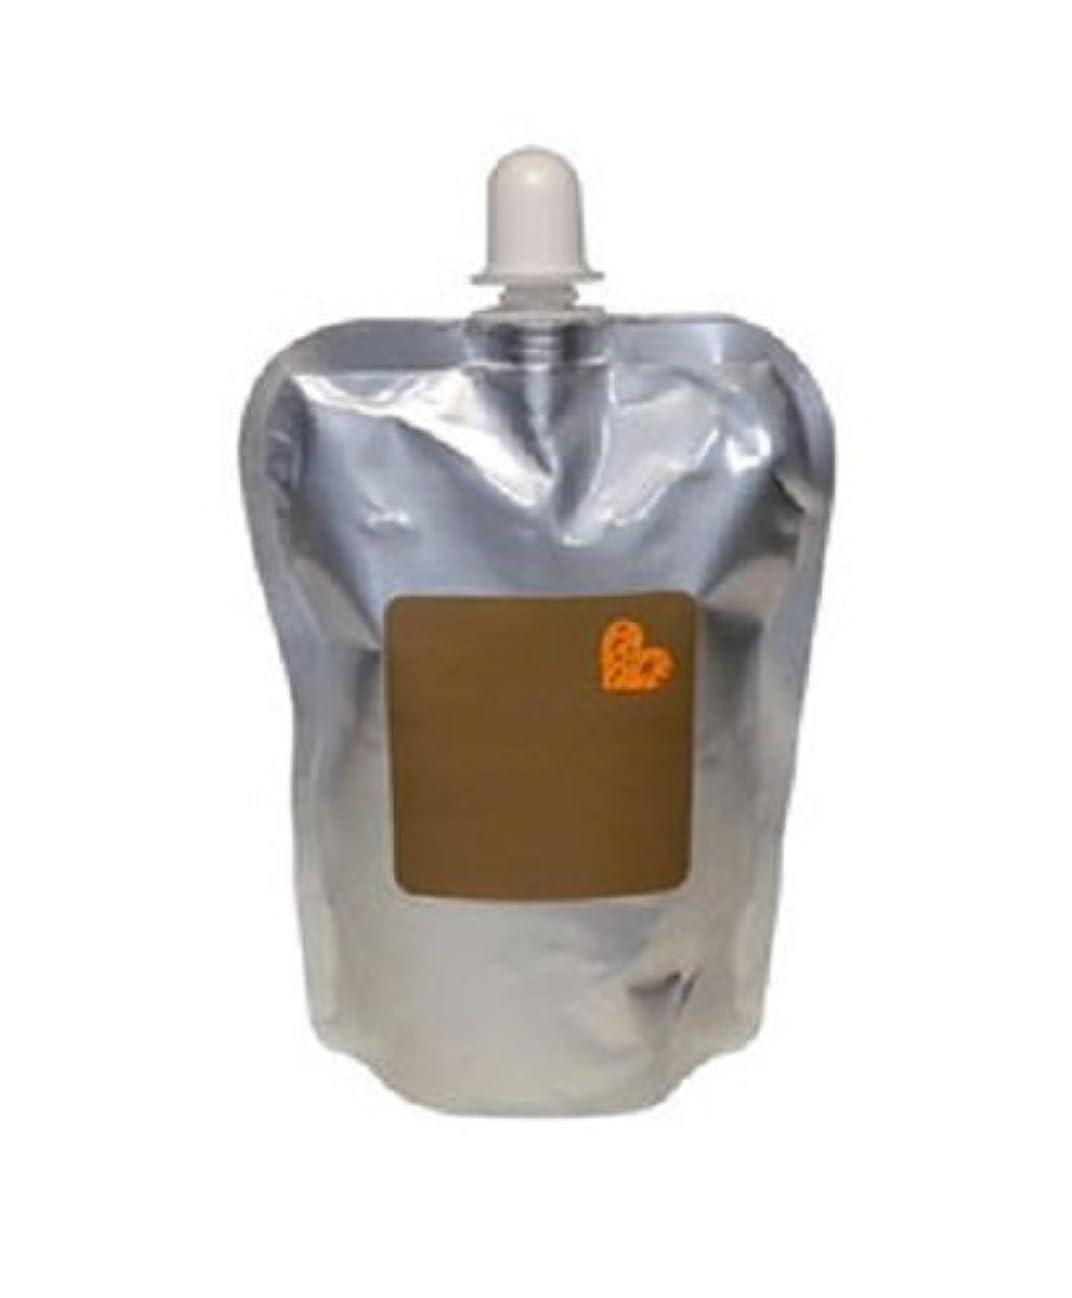 自治的ジョリー乏しいアリミノ ピース プロデザインシリーズ ライトワックス ホイップ 400ml 詰替用